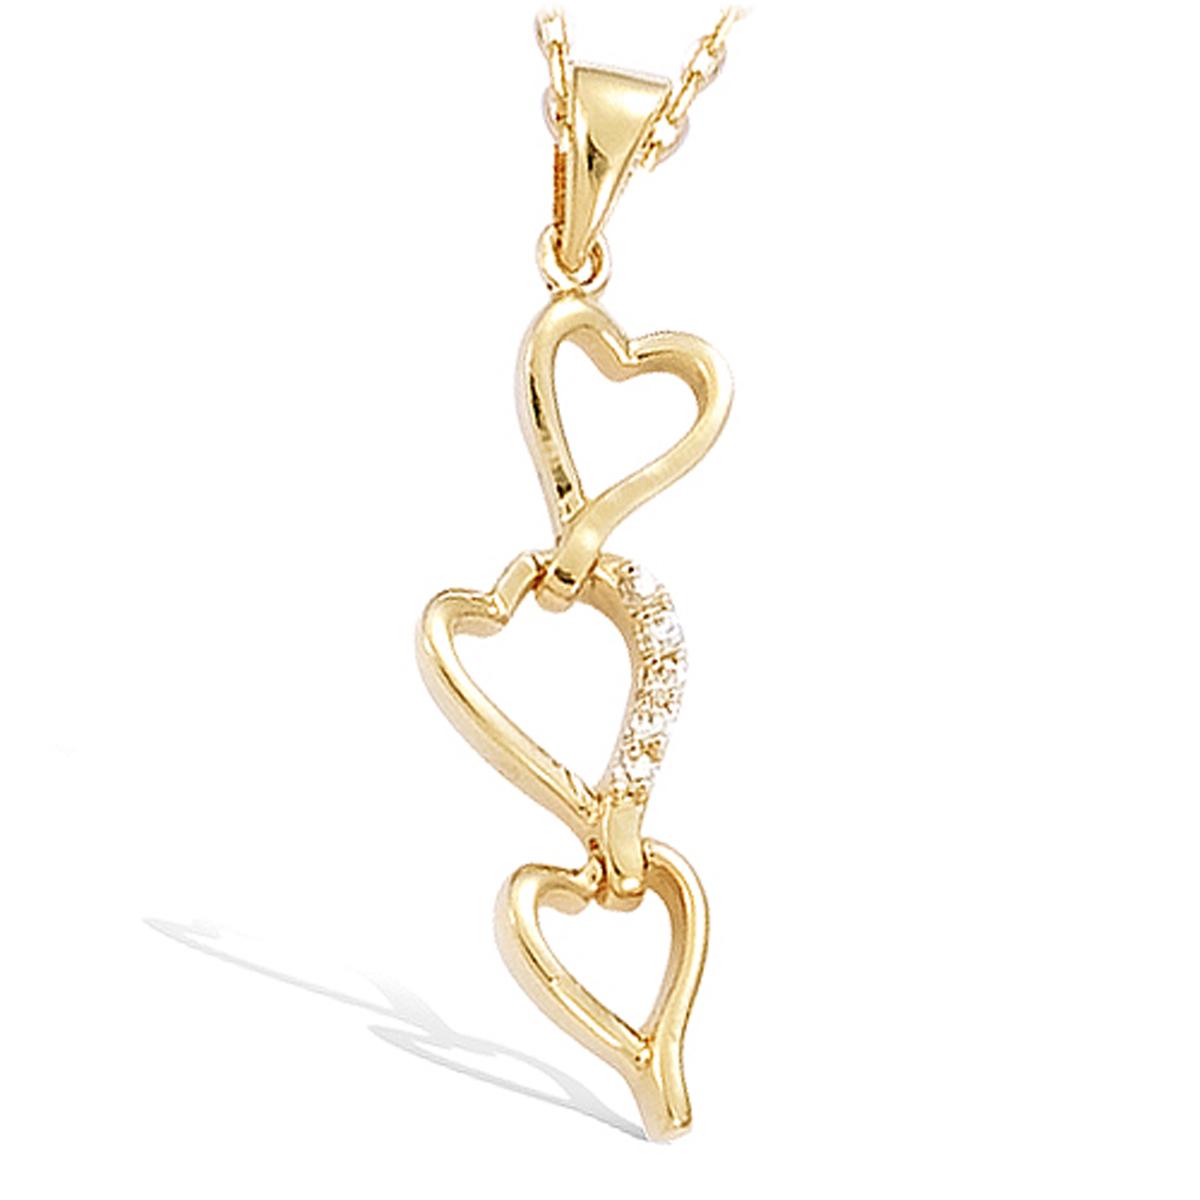 Pendentif Plaqué Or \'Love\' blanc doré  - 3x1 cm - [H0429]